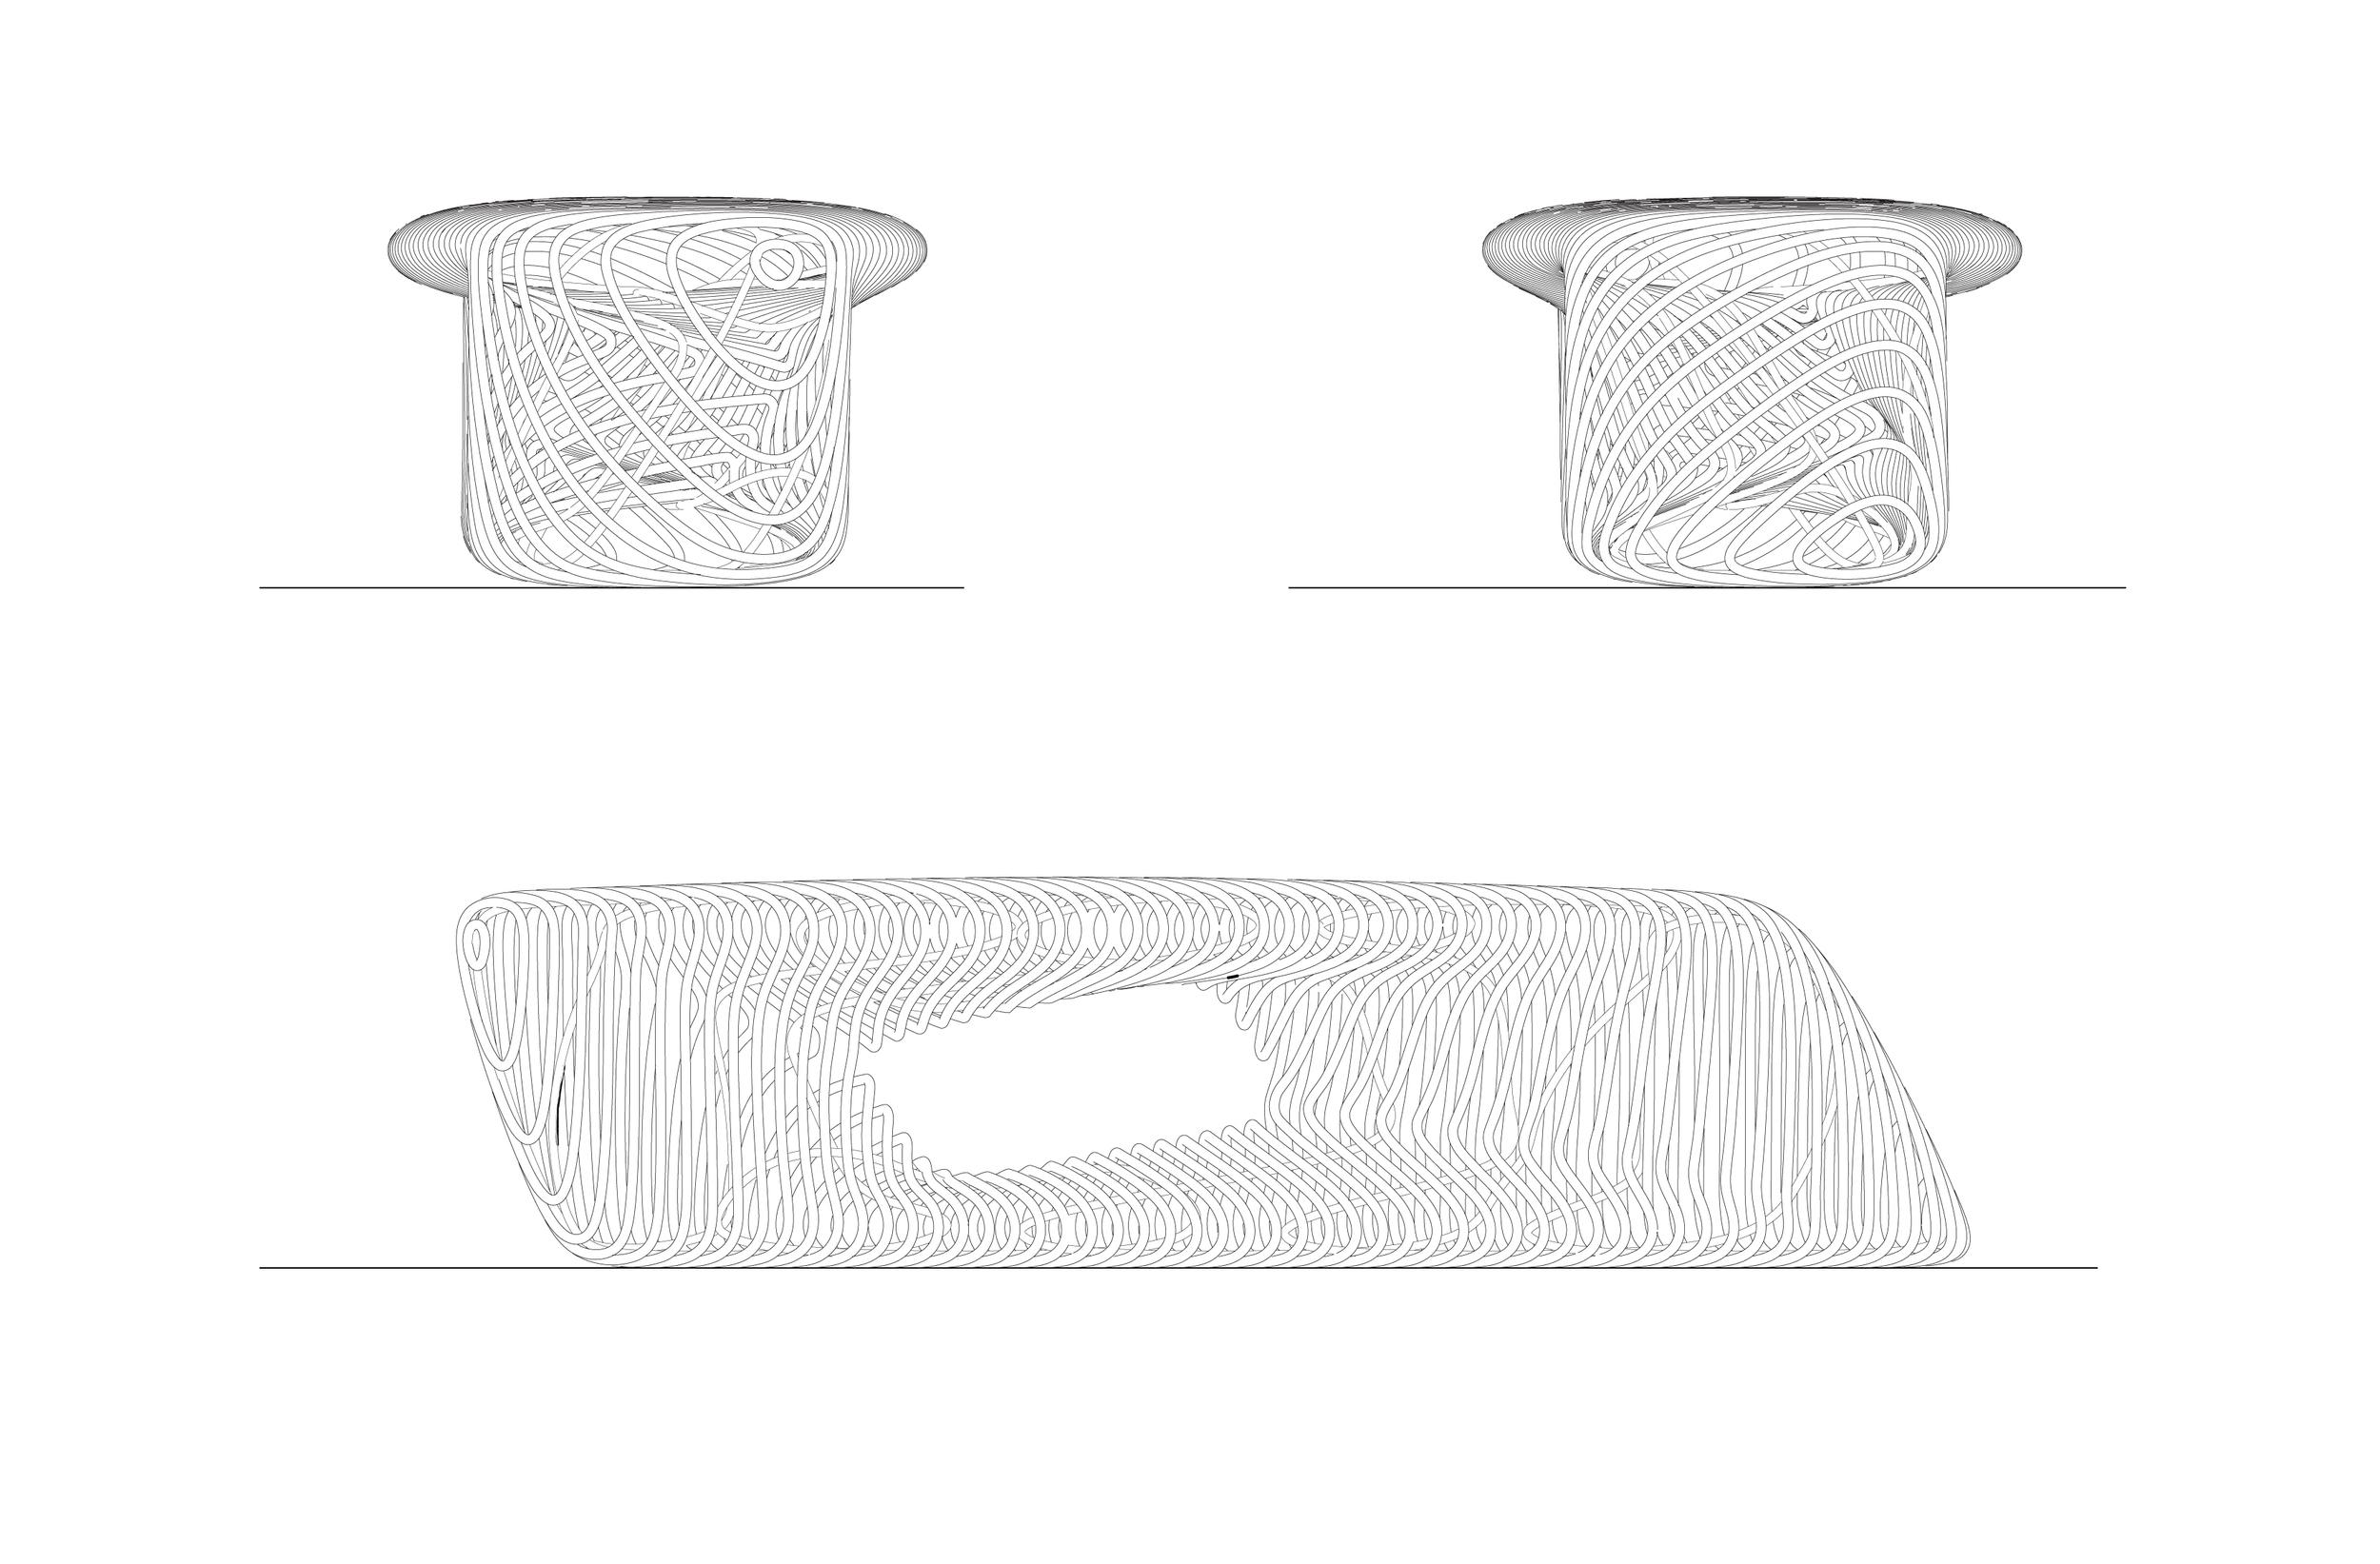 MAKEMEI_ReisBench_Drawing1.jpg